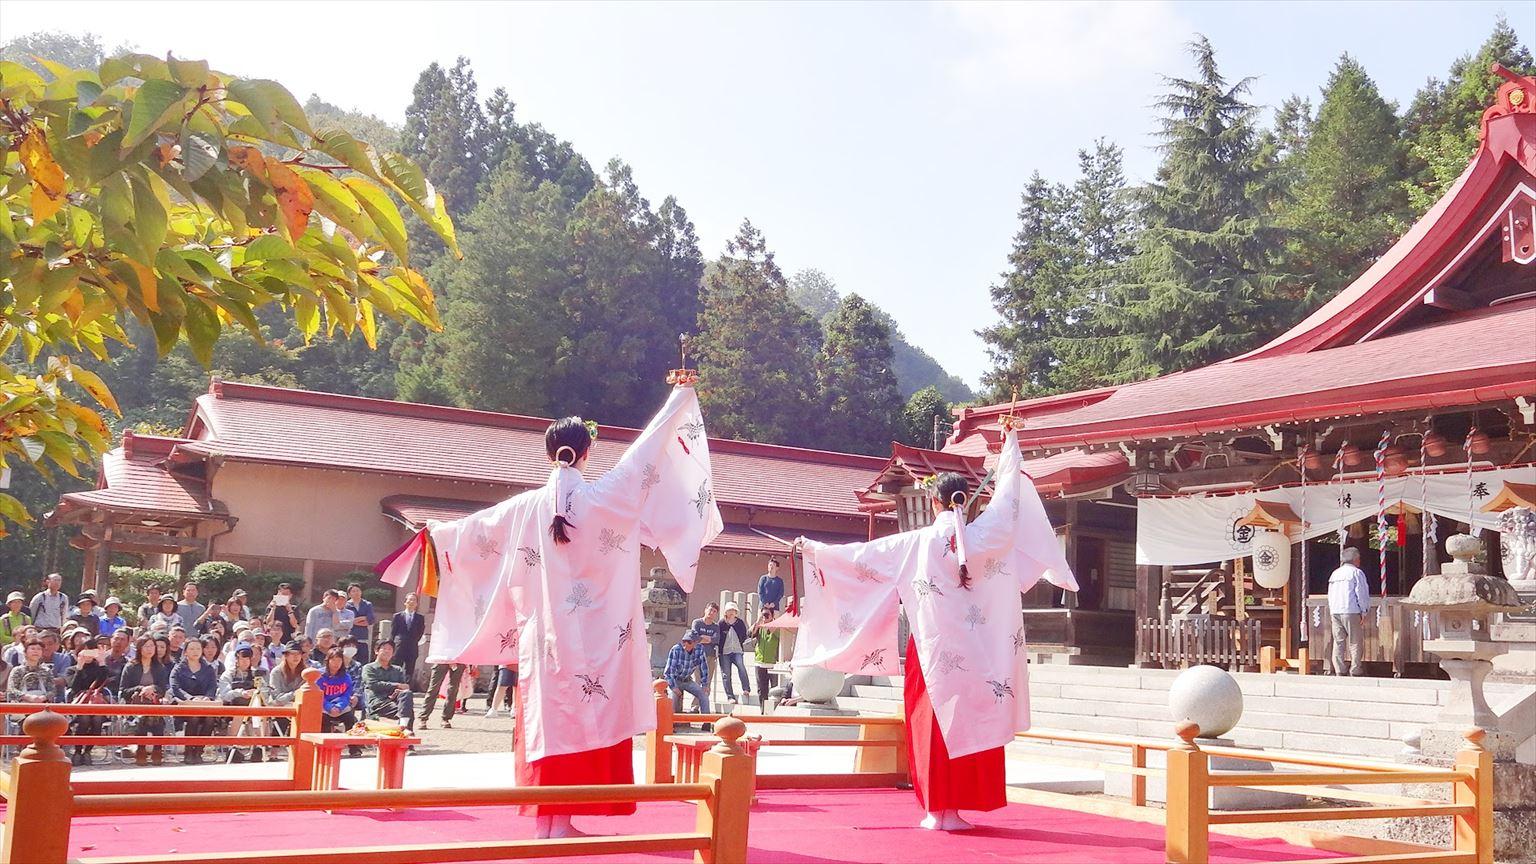 金蛇水神社(Kanahebisuizinnja)